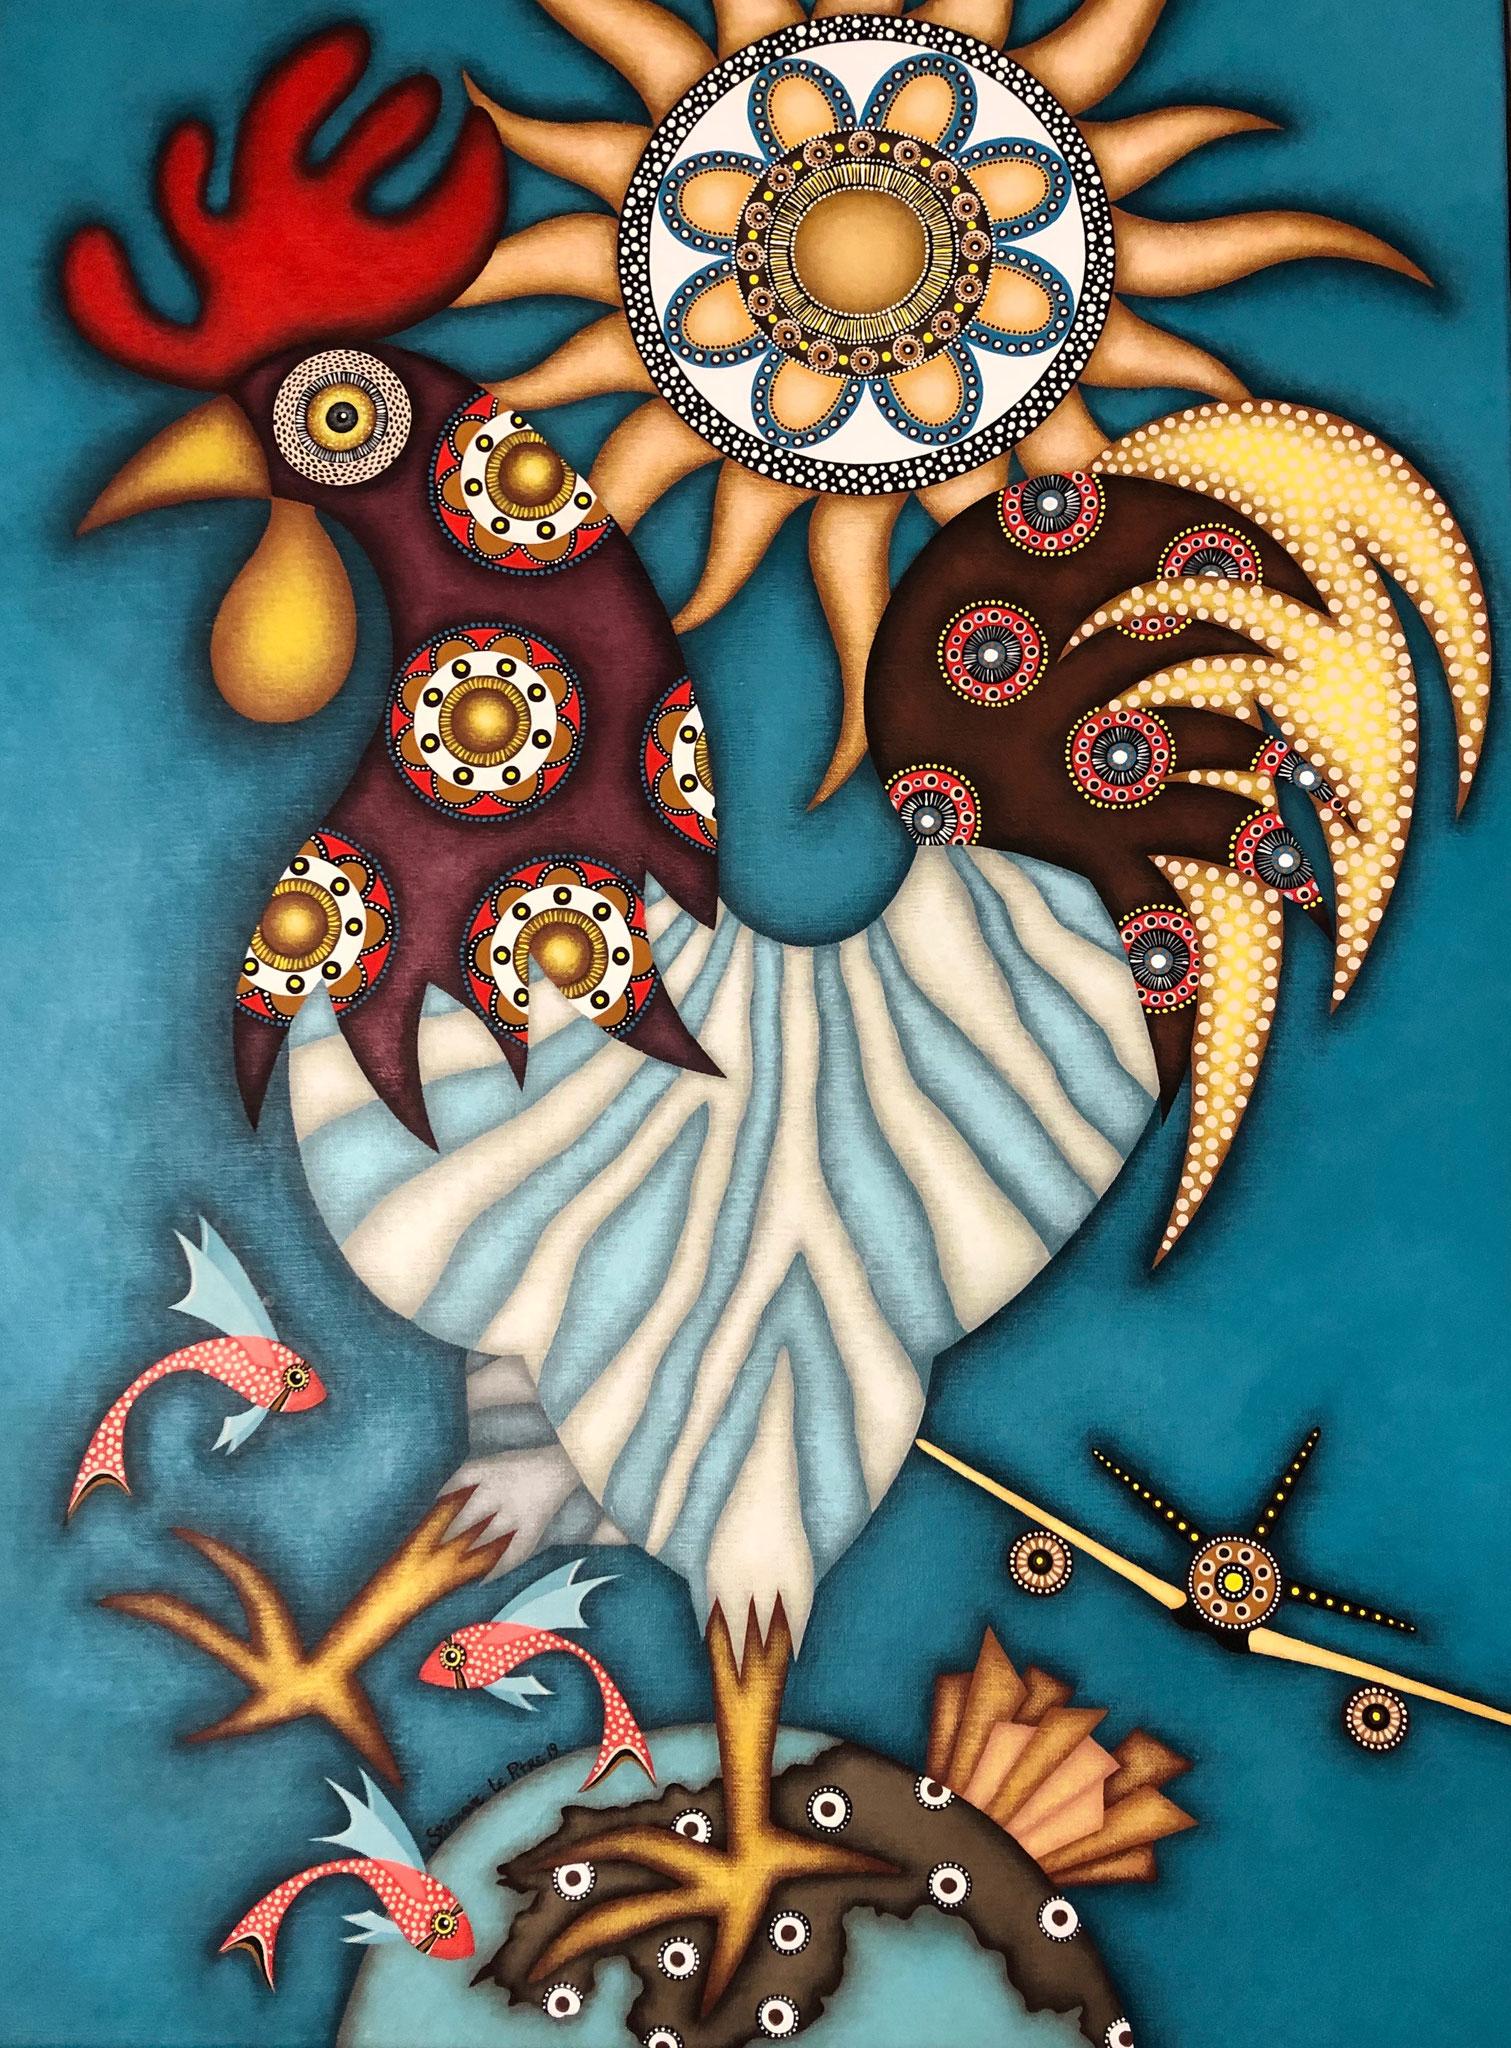 Le Coq Soleil (60 x 80)